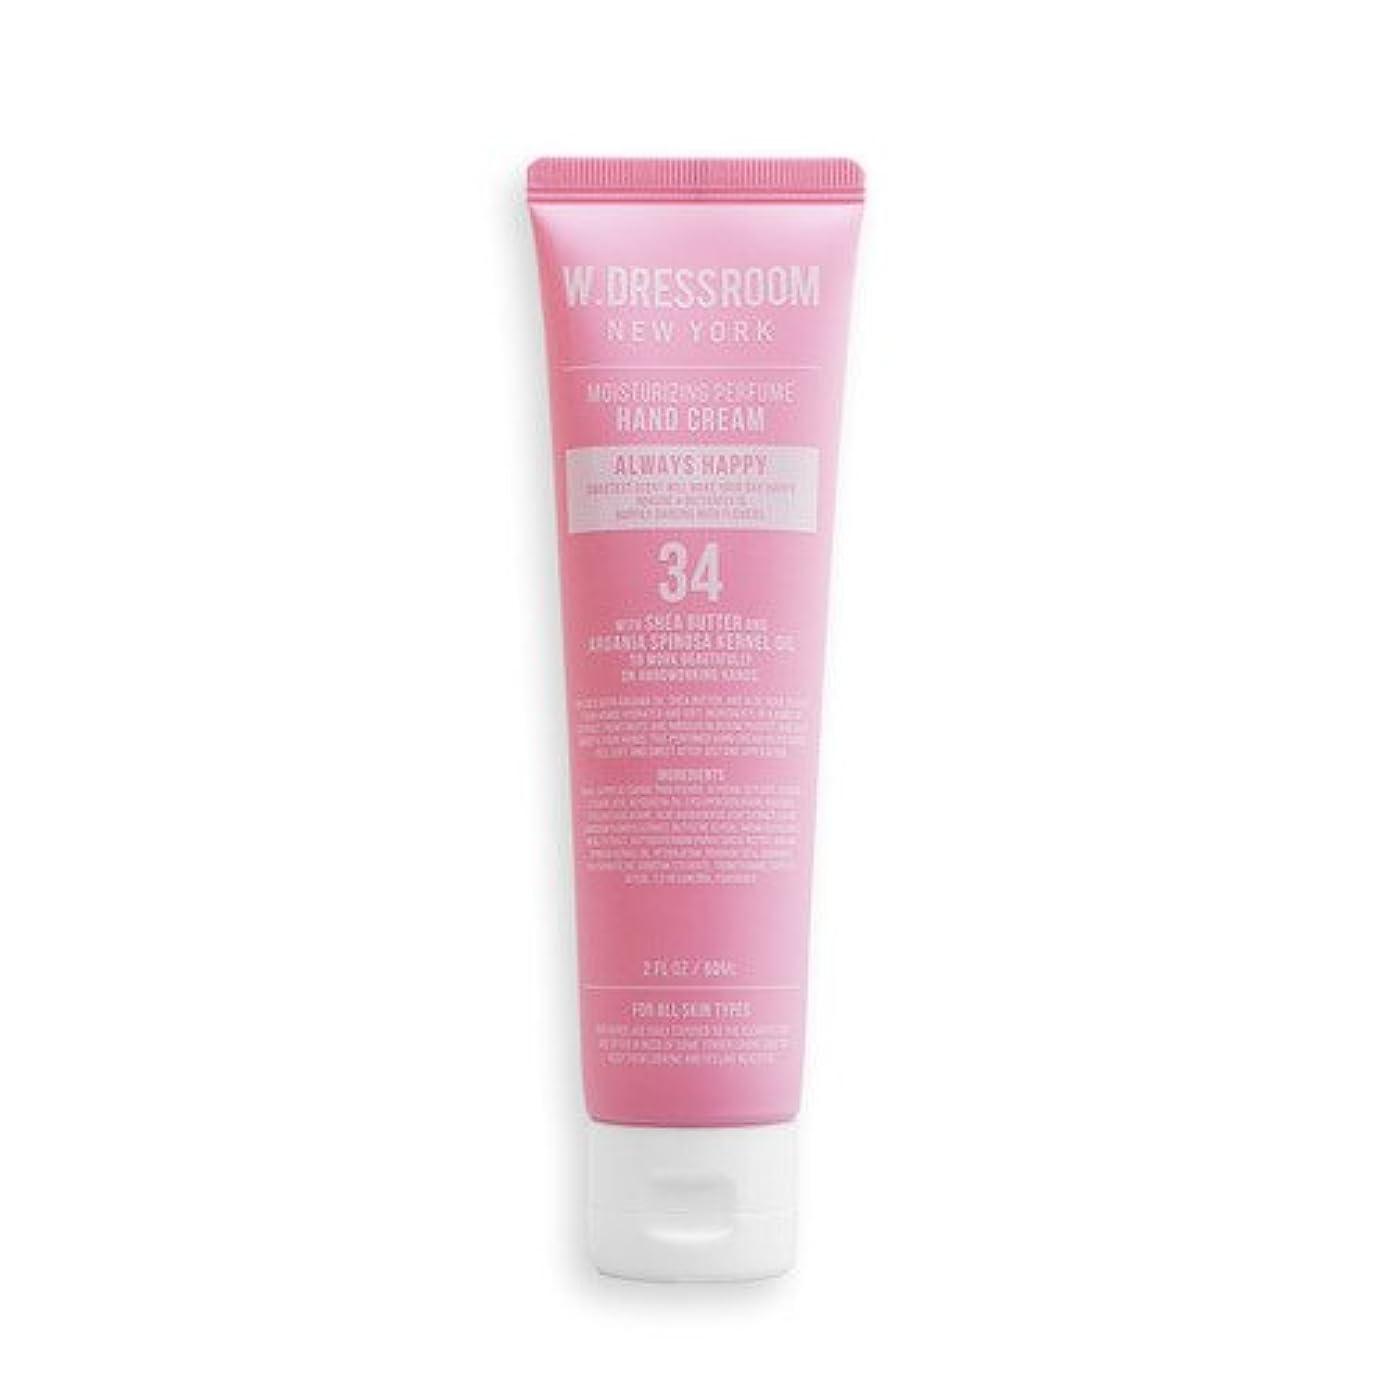 曲がったゆでるレールW.DRESSROOM Moisturizing Perfume Hand Cream 60ml/ダブルドレスルーム モイスチャライジング パフューム ハンドクリーム 60ml (#No.34 Always Happy)...